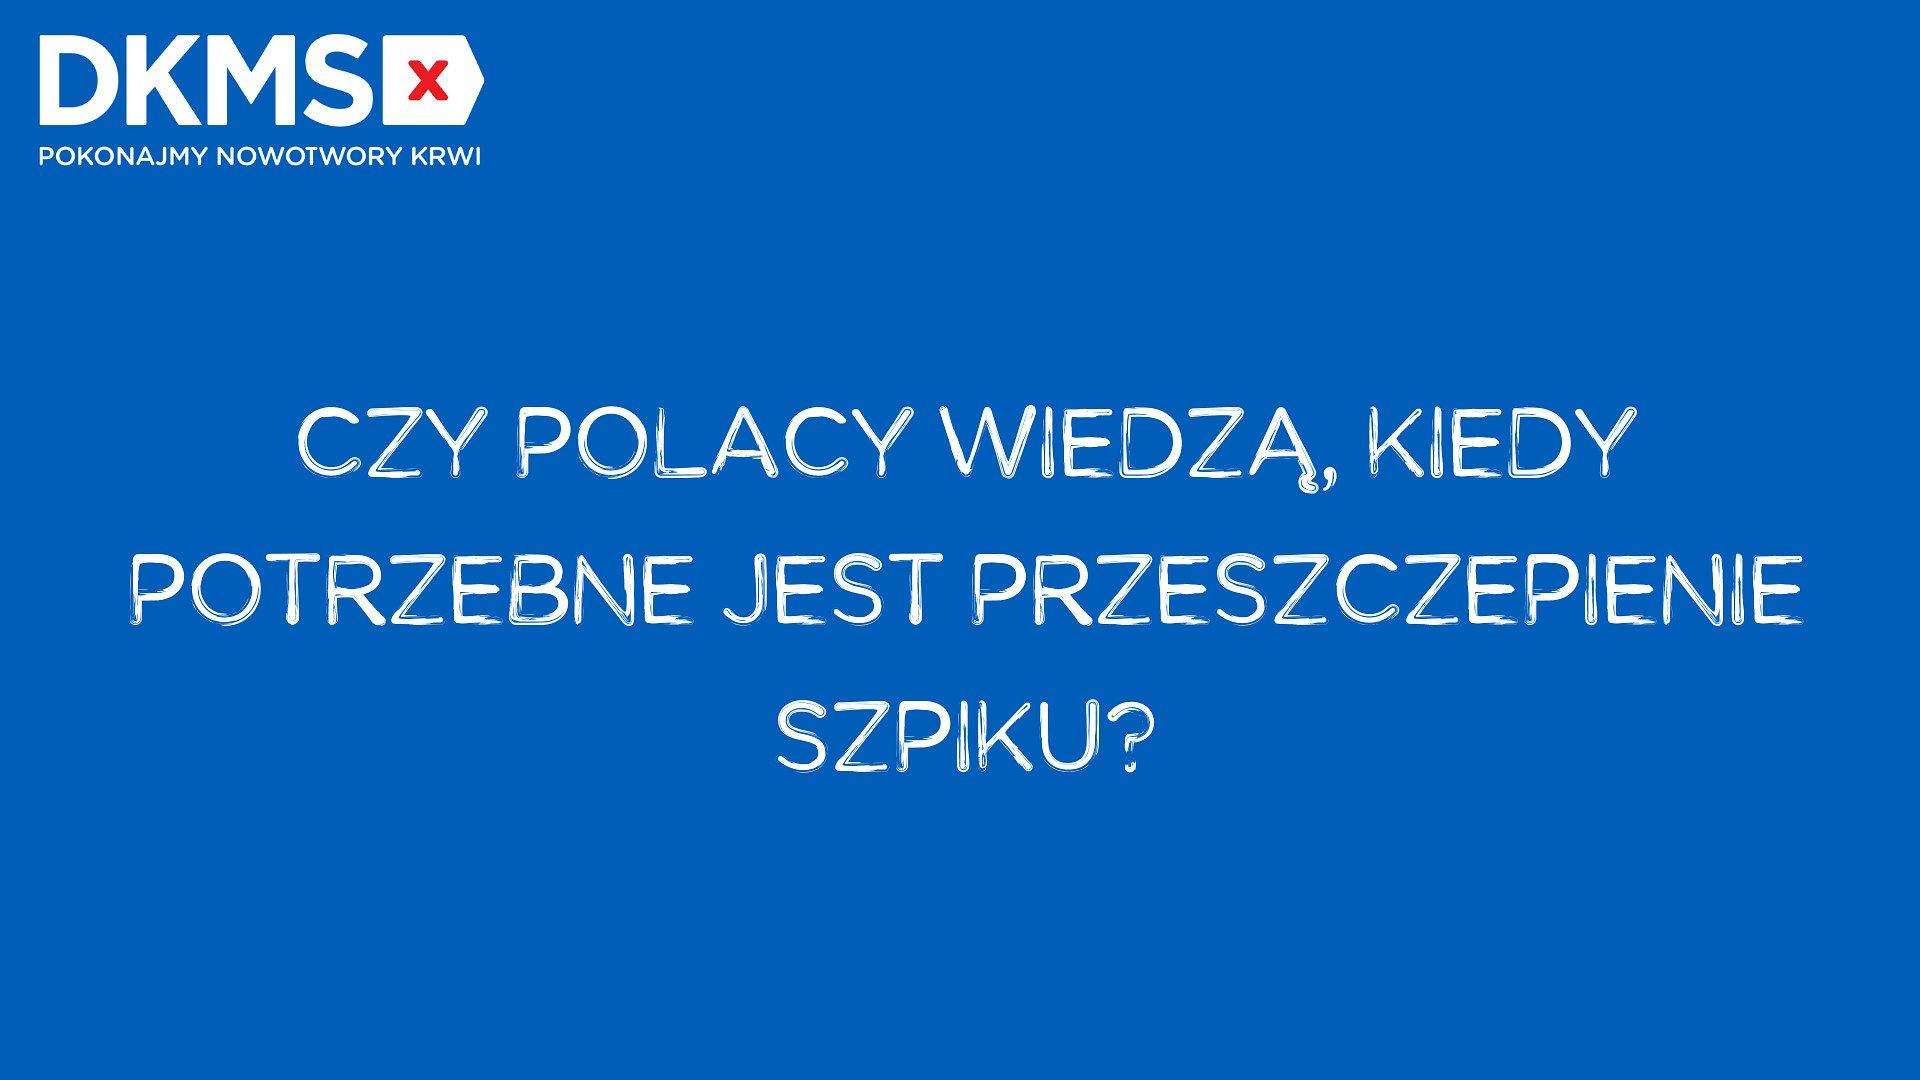 Czy Polacy wiedzą, kiedy potrzebne jest przeszczepienie szpiku? Co wiemy o zgodności Dawcy i Biorcy? Wyniki ogólnopolskiego badania